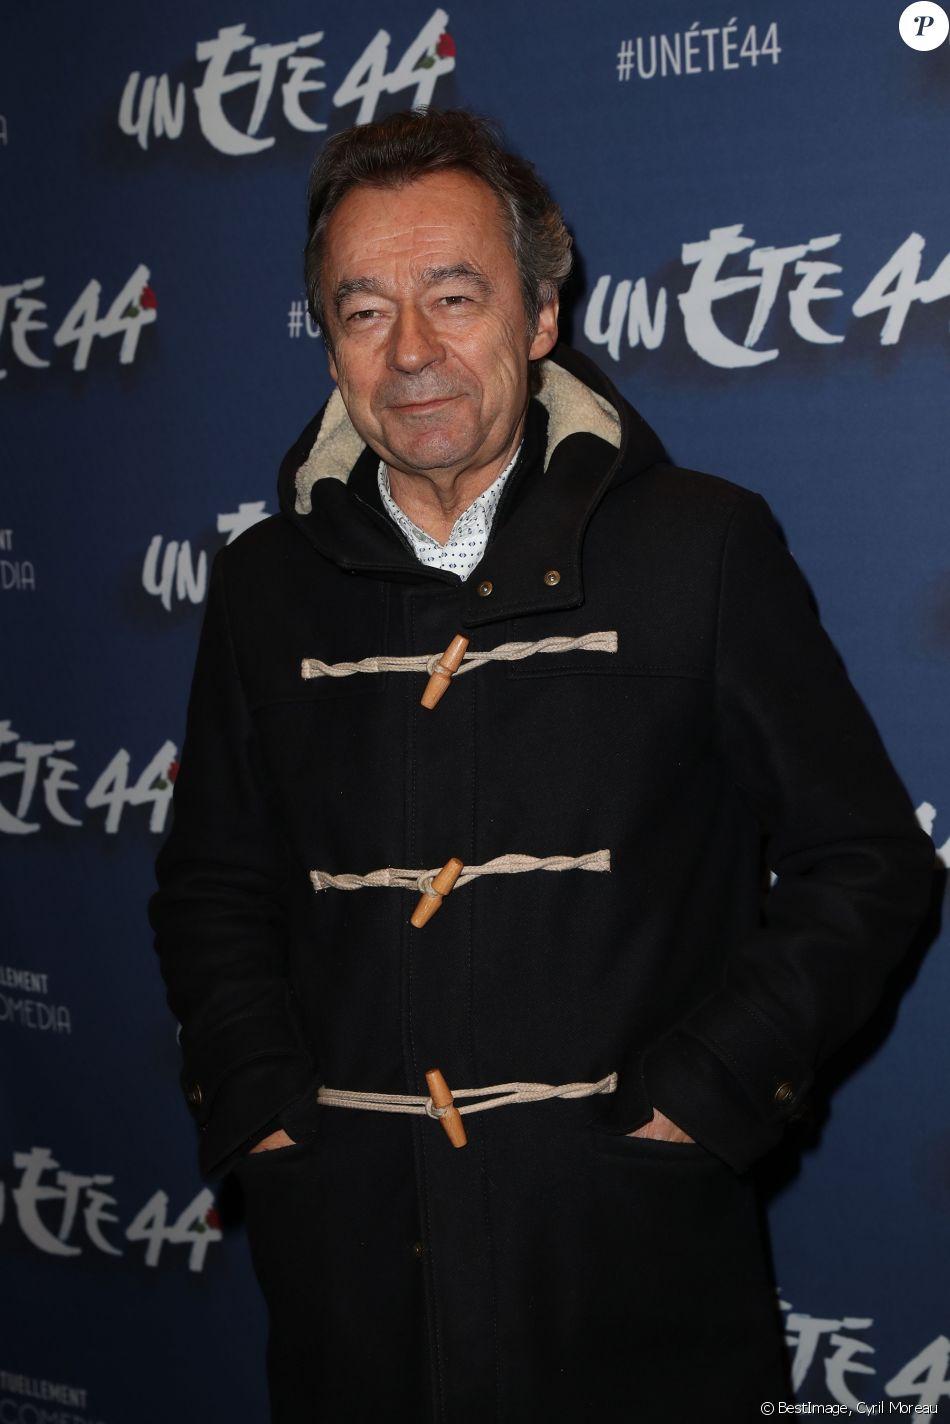 """Michel Denisot - Générale de la comédie musicale """"Un été 44"""" au Comédia à Paris le 9 novembre 2016. © Cyril Moreau/Bestimage"""